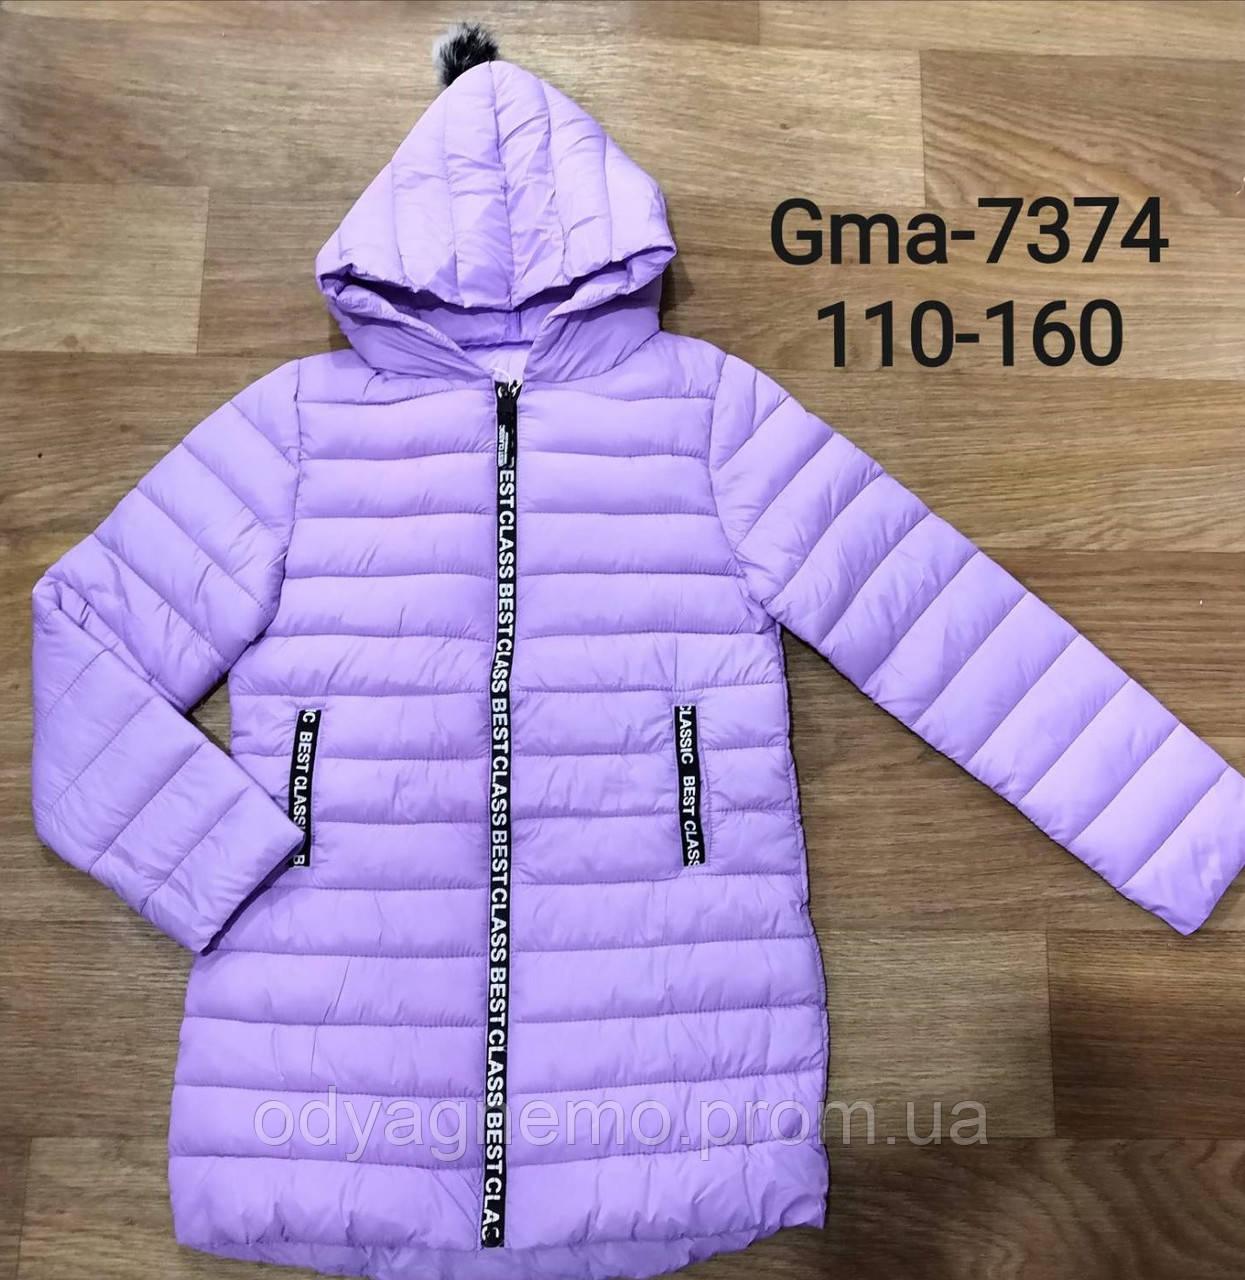 Курточка для девочек Glo-Story, 110-160 рр.Артикул: GMA7374